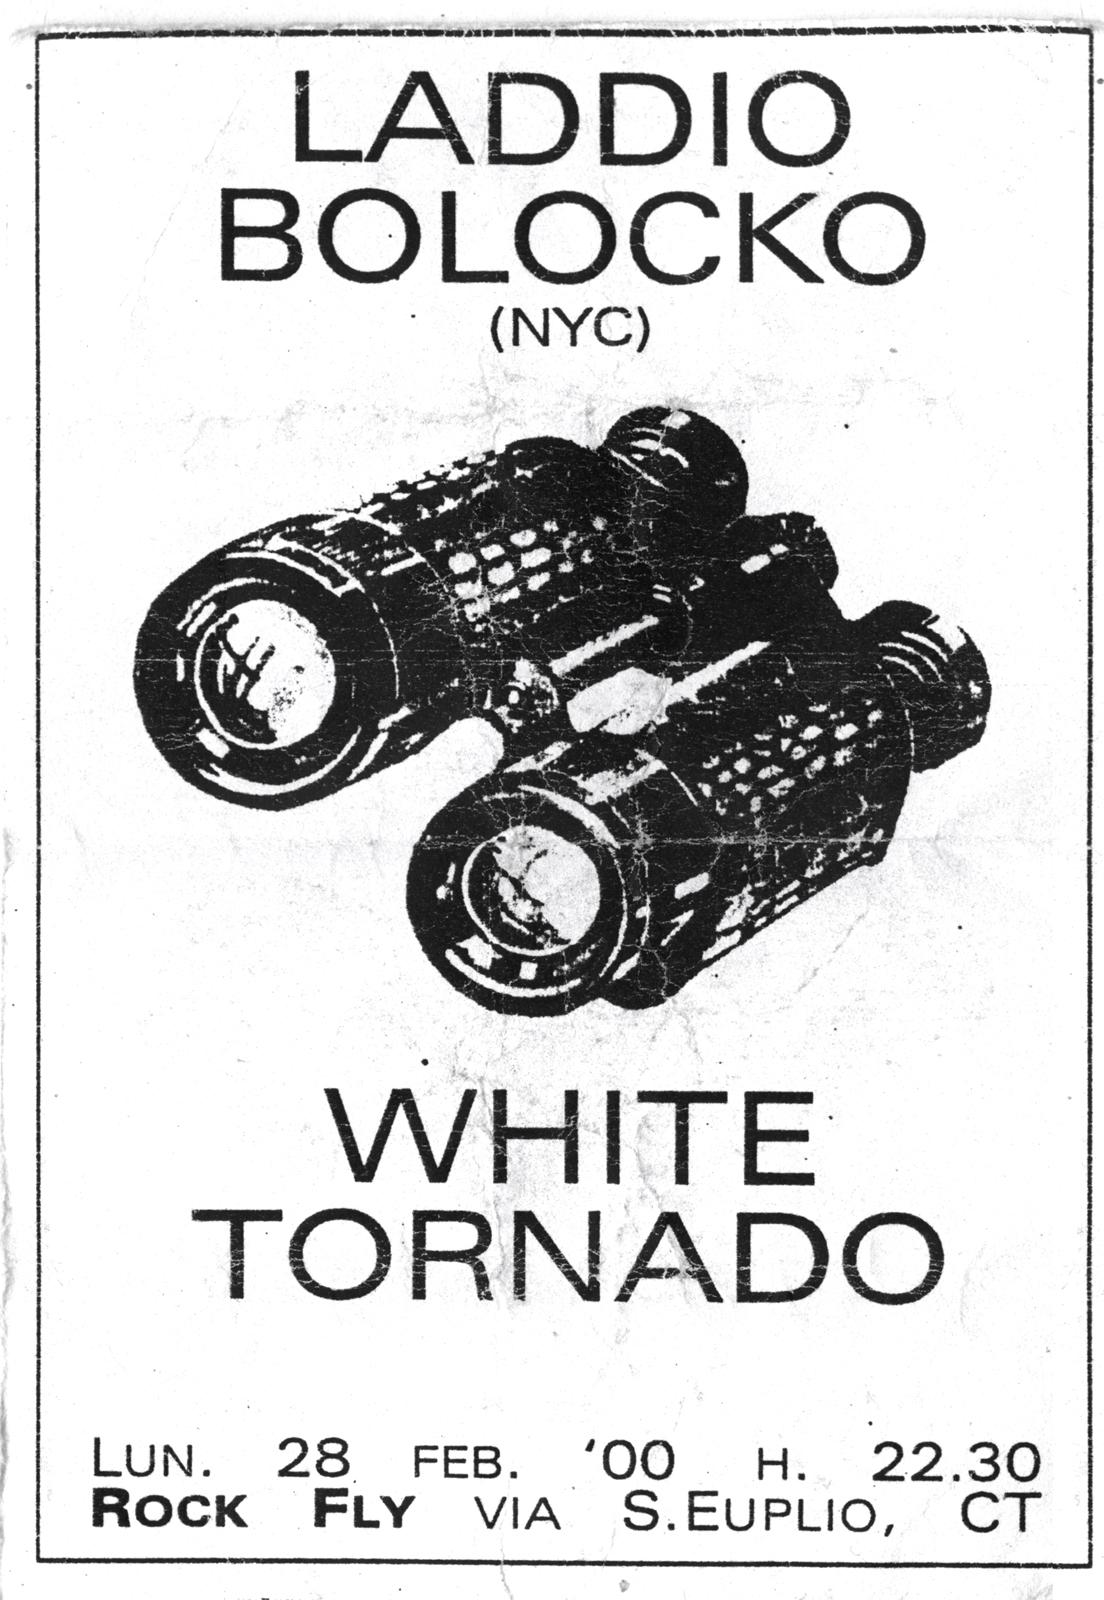 Laddio Bolocko catana italy feb 28 2000.jpg